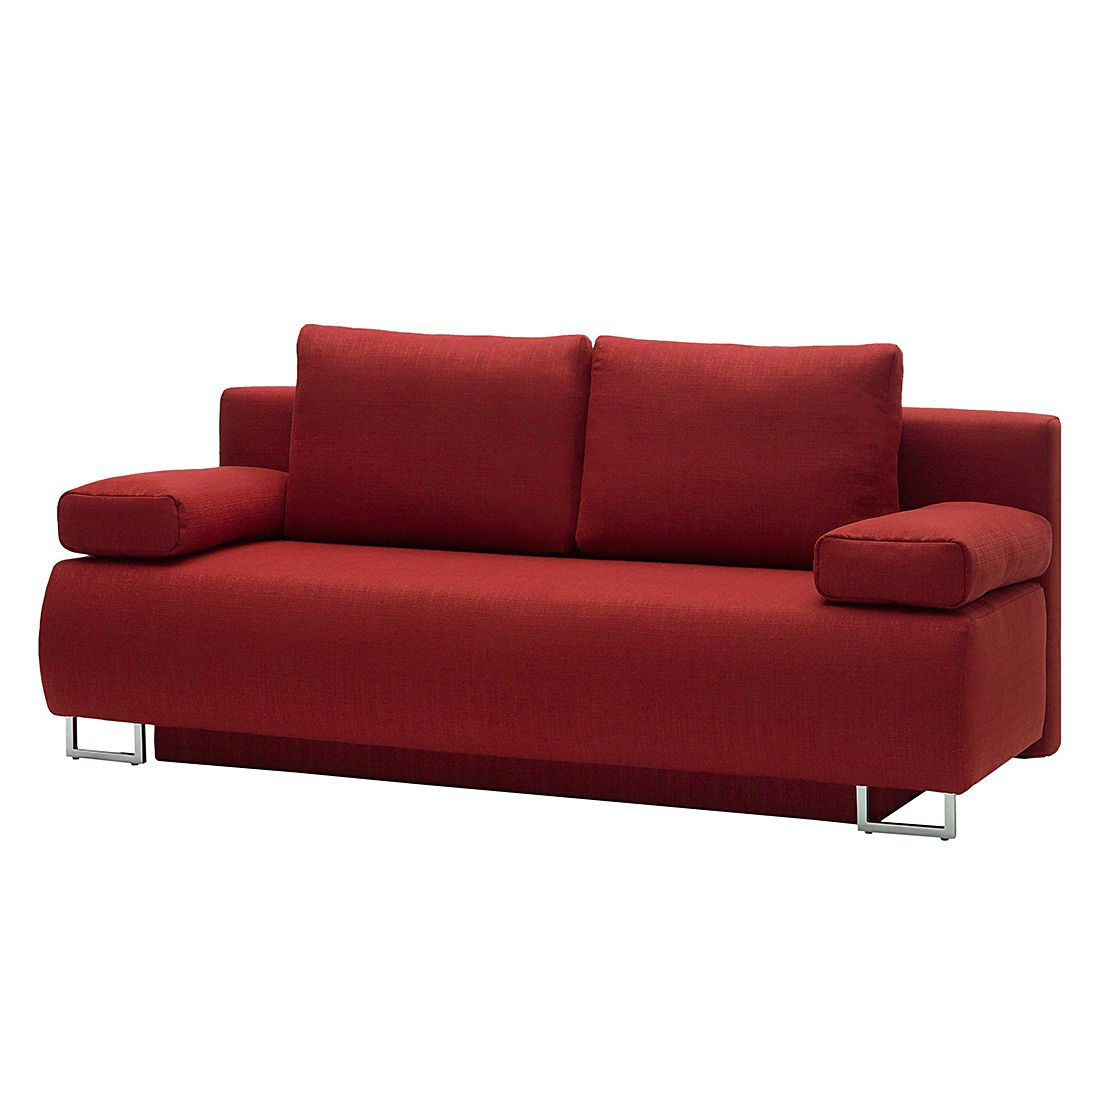 schlafsofa 140 breit sonstige preisvergleiche. Black Bedroom Furniture Sets. Home Design Ideas